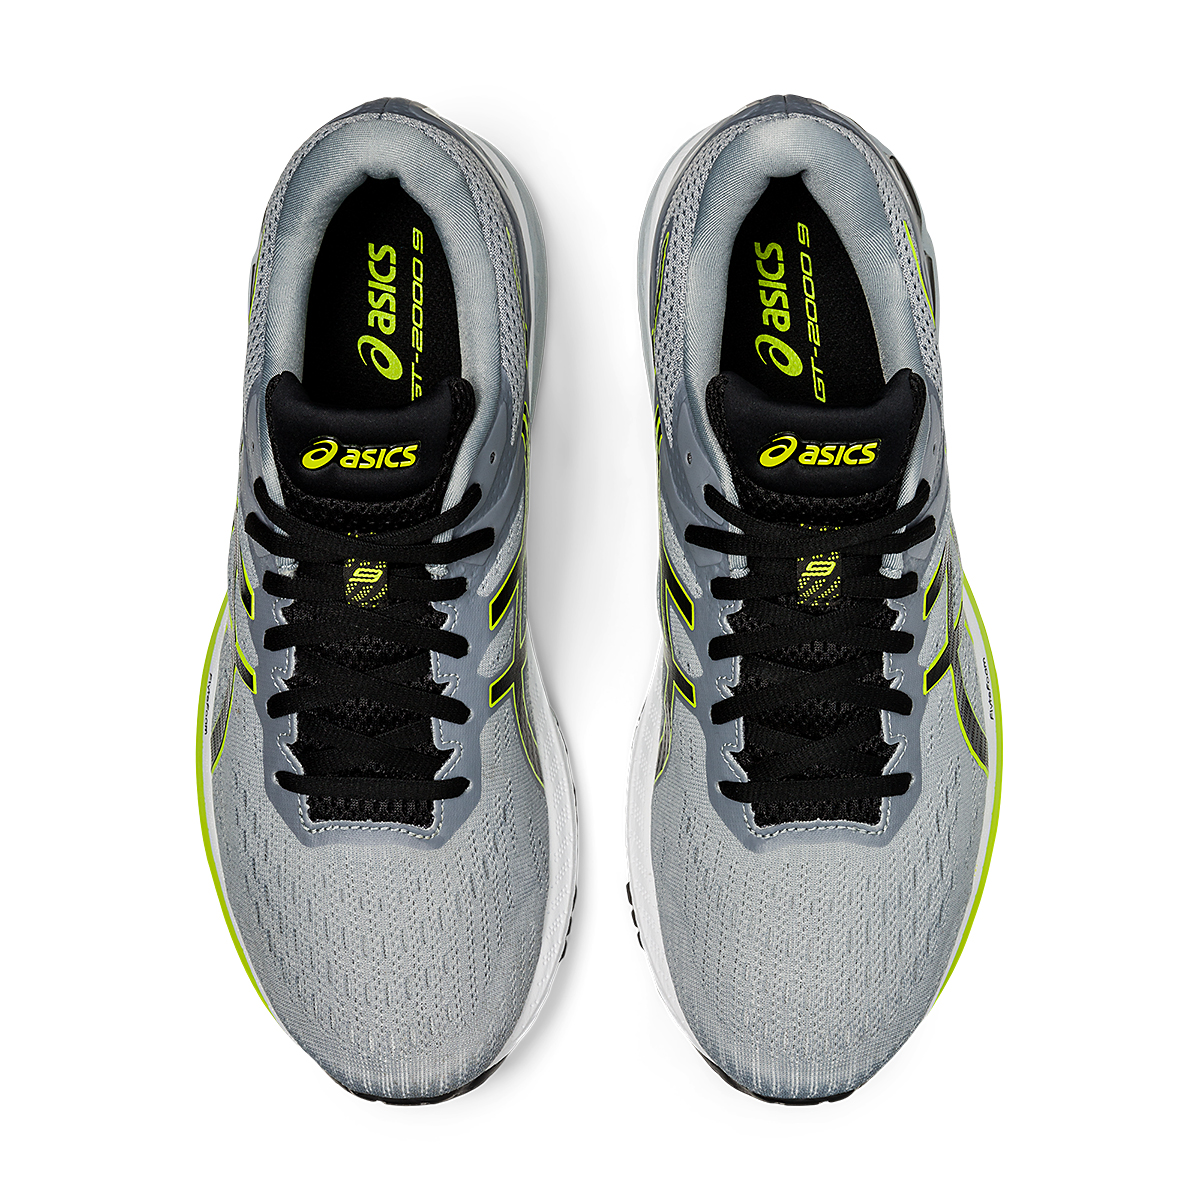 Men's Asics GT-2000 9 Running Shoe - Color: Sheet Rock/Black - Size: 7 - Width: Regular, Sheet Rock/Black, large, image 5